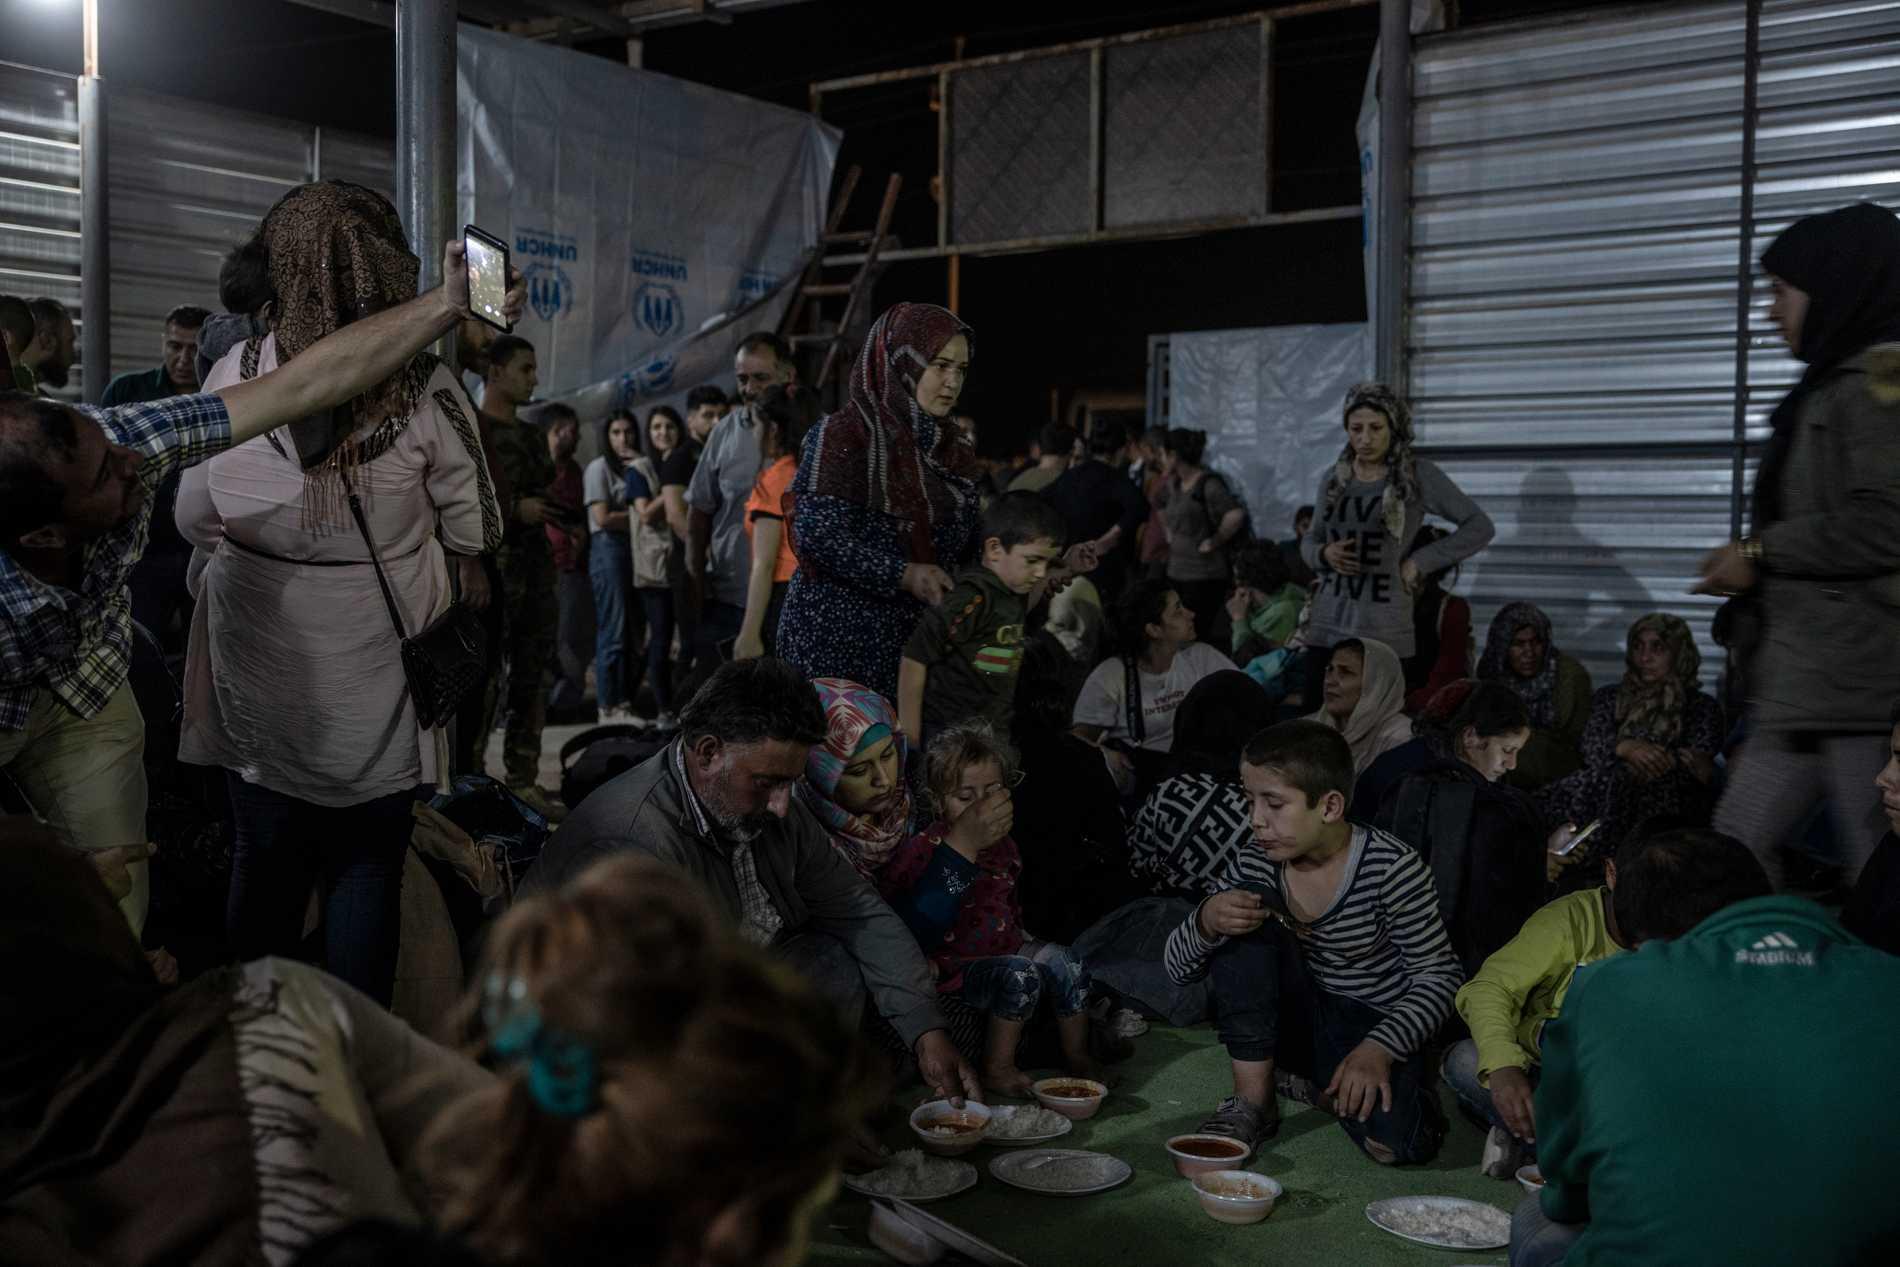 Flyktingar från Rojava i Syrien anländer till flyktingläger i Kurdistan/Irak, hösten 2019.